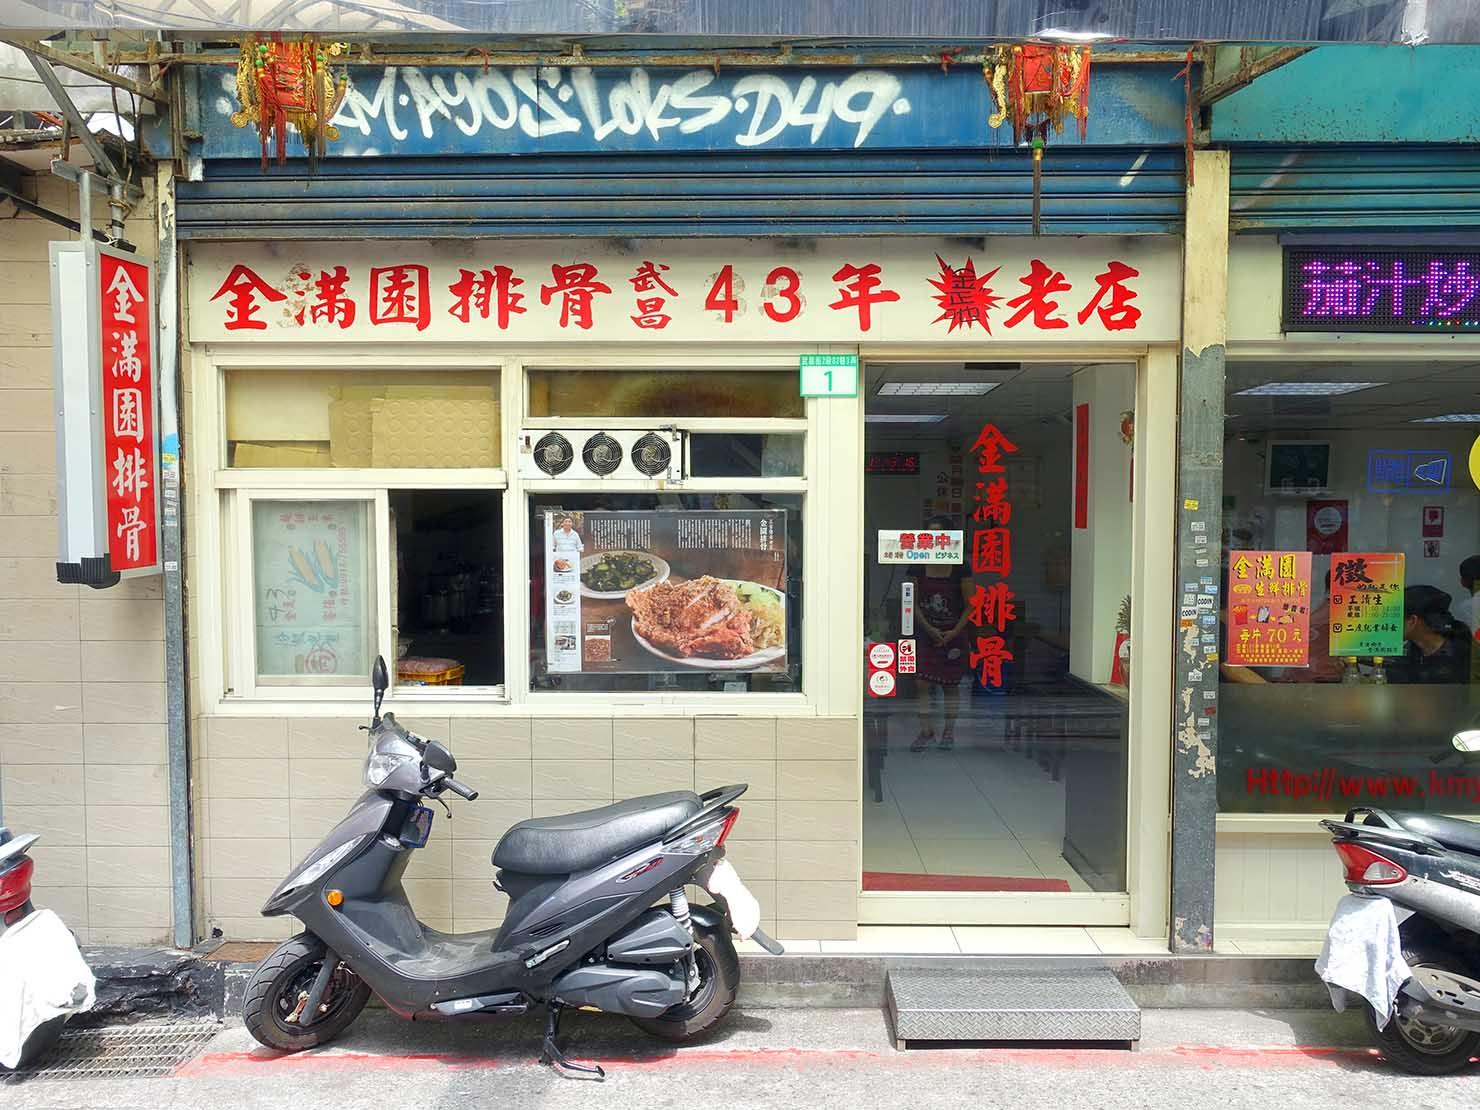 台北・西門町のおすすめグルメ店「金滿園排骨」の外観